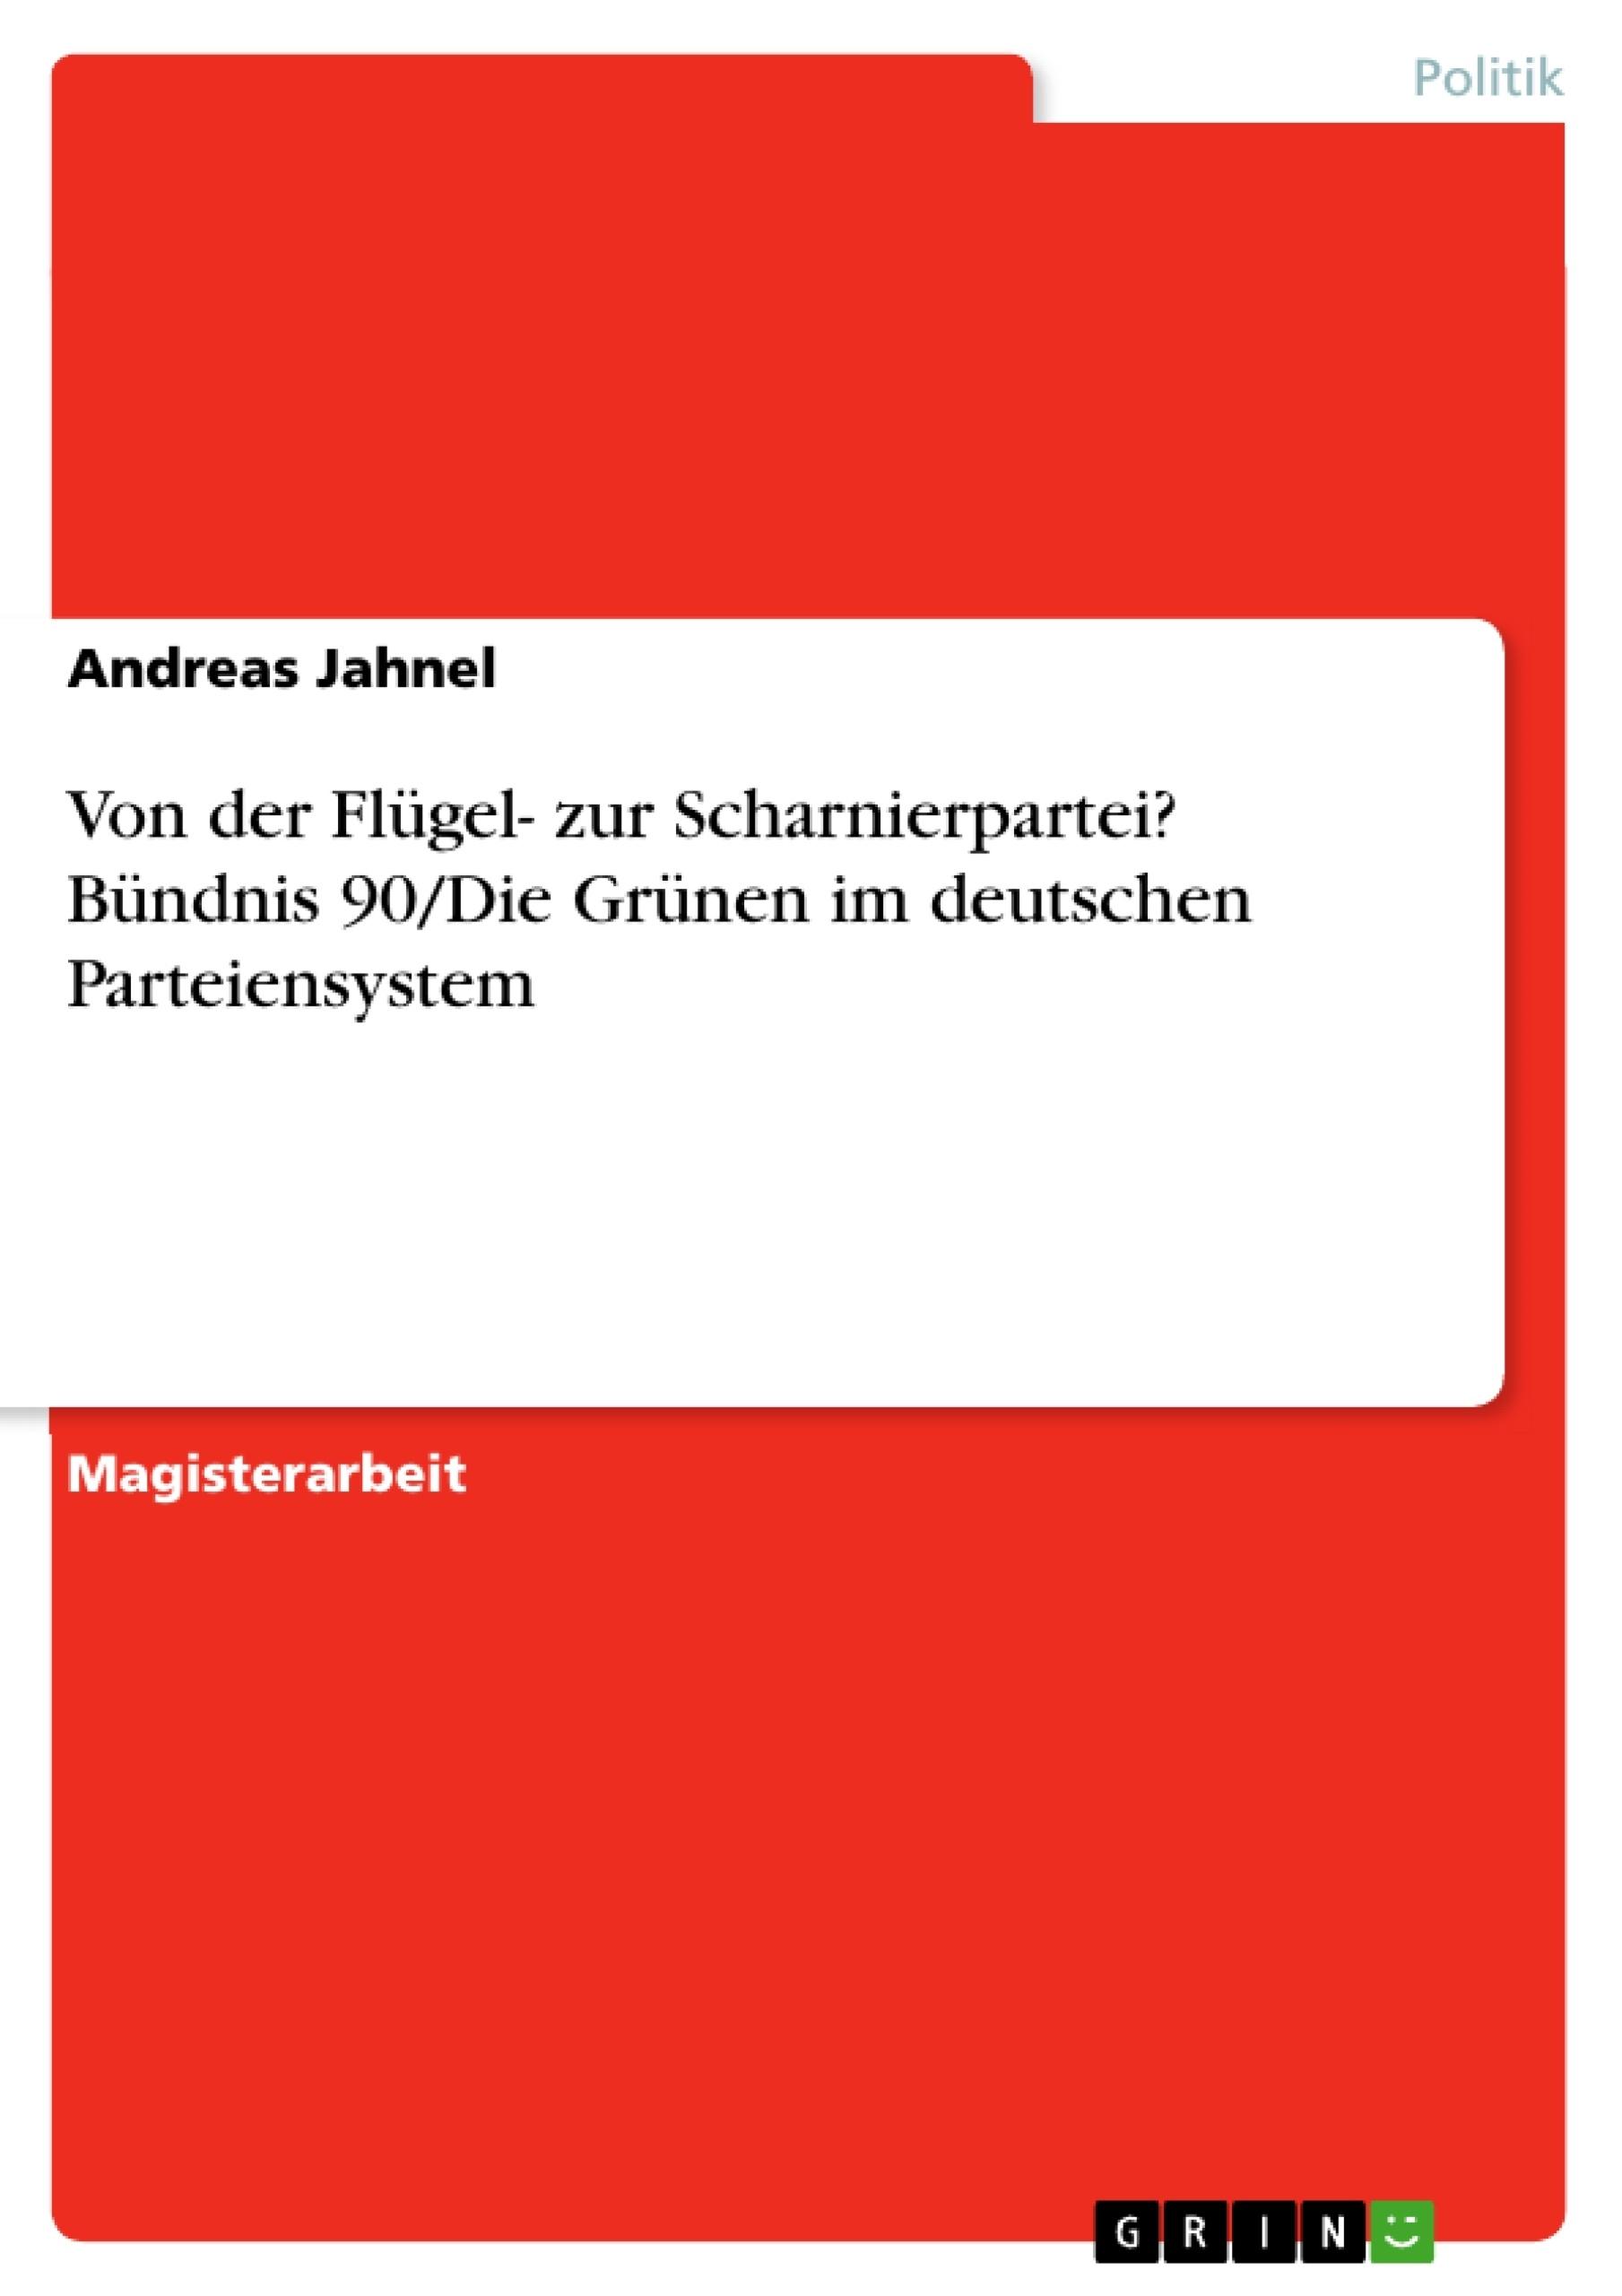 Titel: Von der Flügel- zur Scharnierpartei? Bündnis 90/Die Grünen im deutschen Parteiensystem